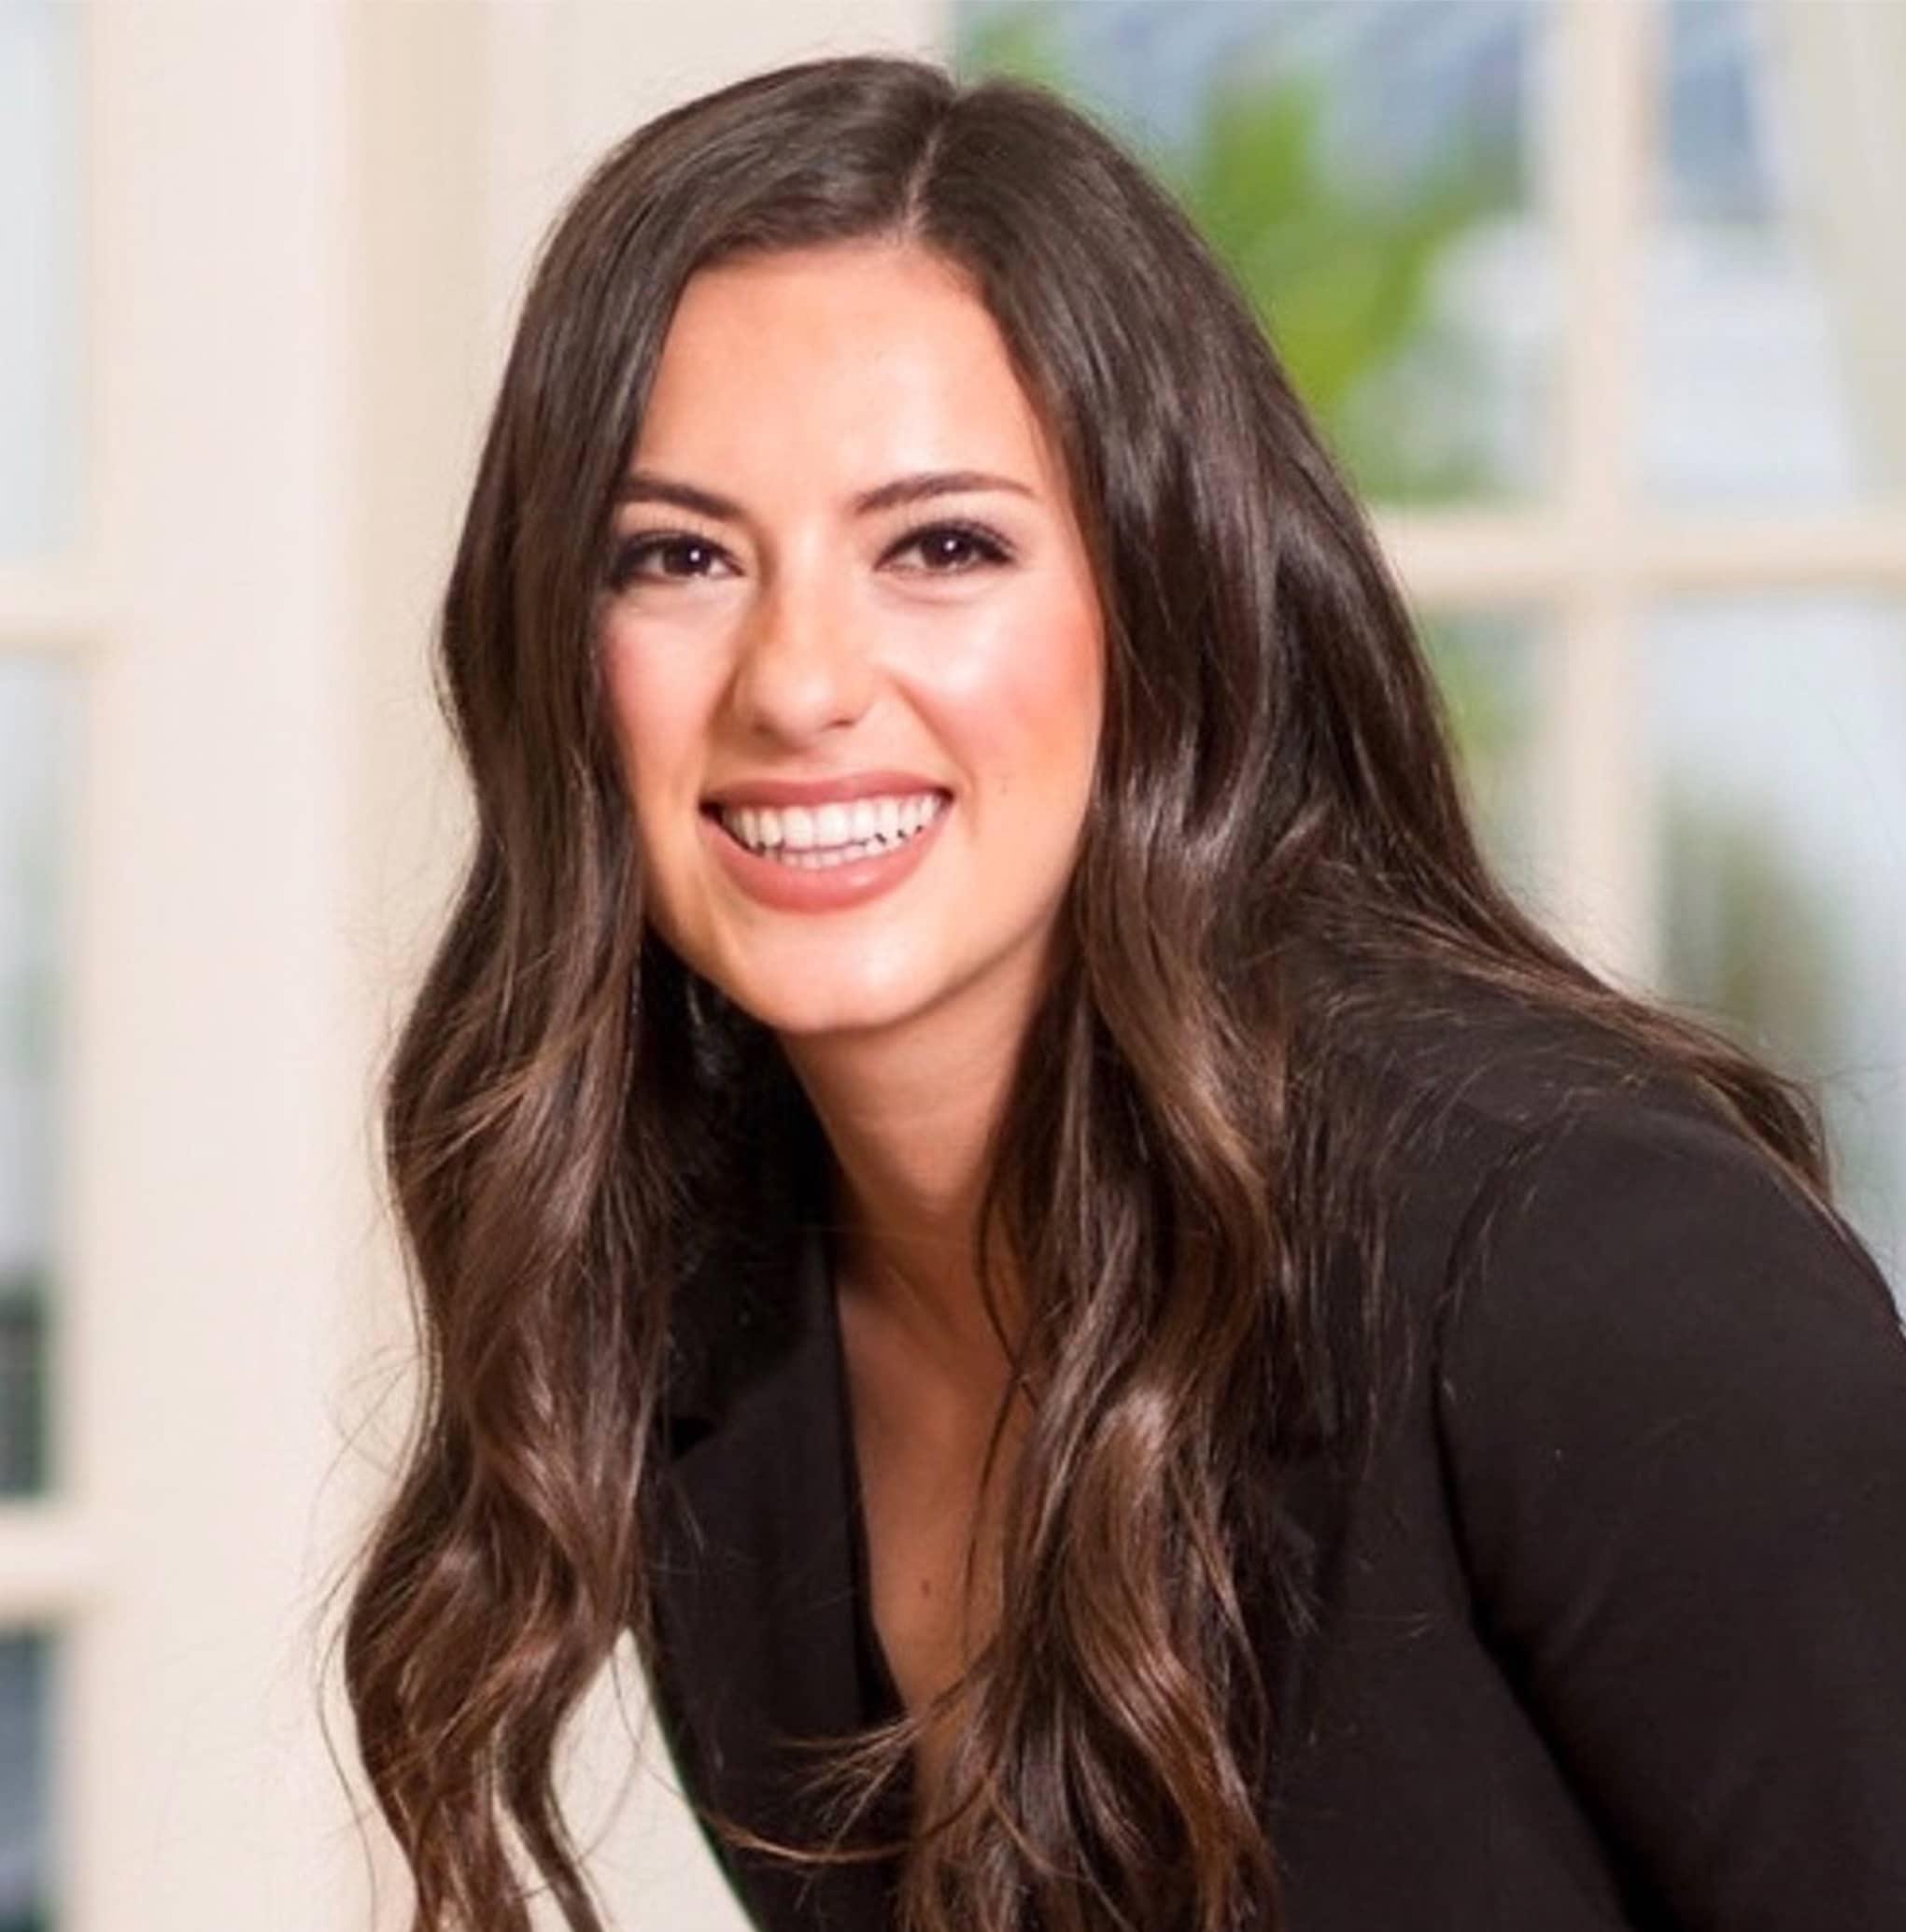 Nikki Jacquot